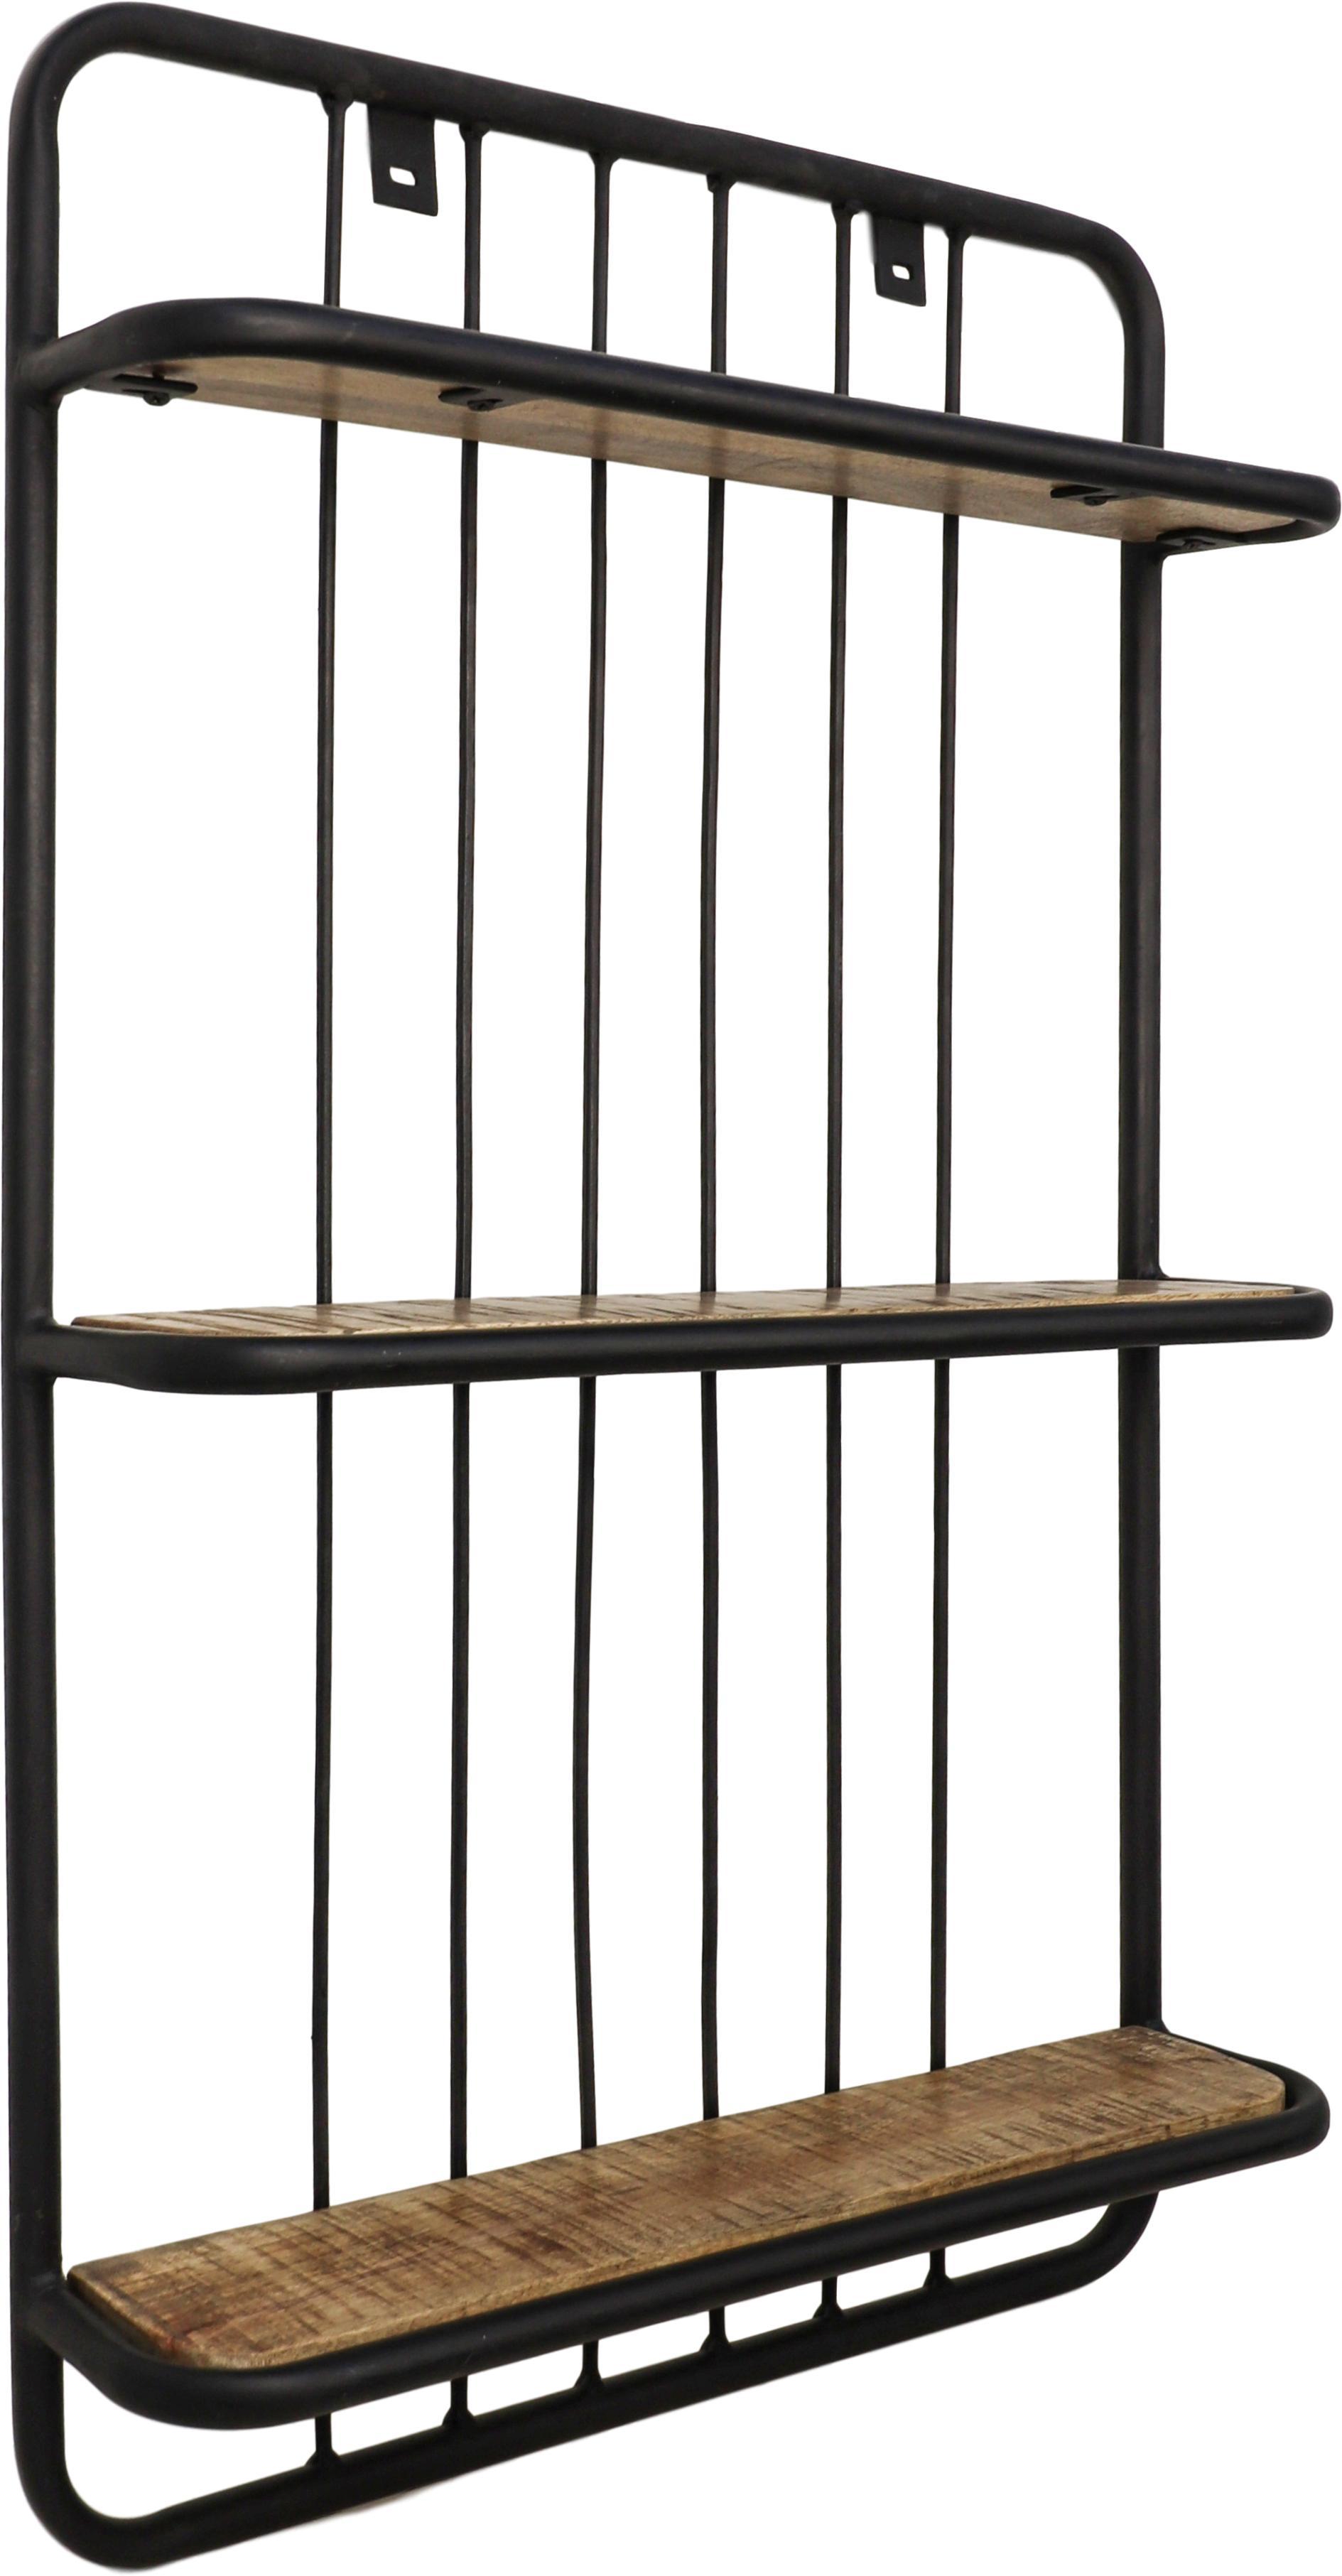 Ripiano a muro in stile industriale Hilly, Ripiani: legno di mango, Struttura: metallo verniciato a polv, Marrone, nero, Larg. 50 x Alt. 80 cm